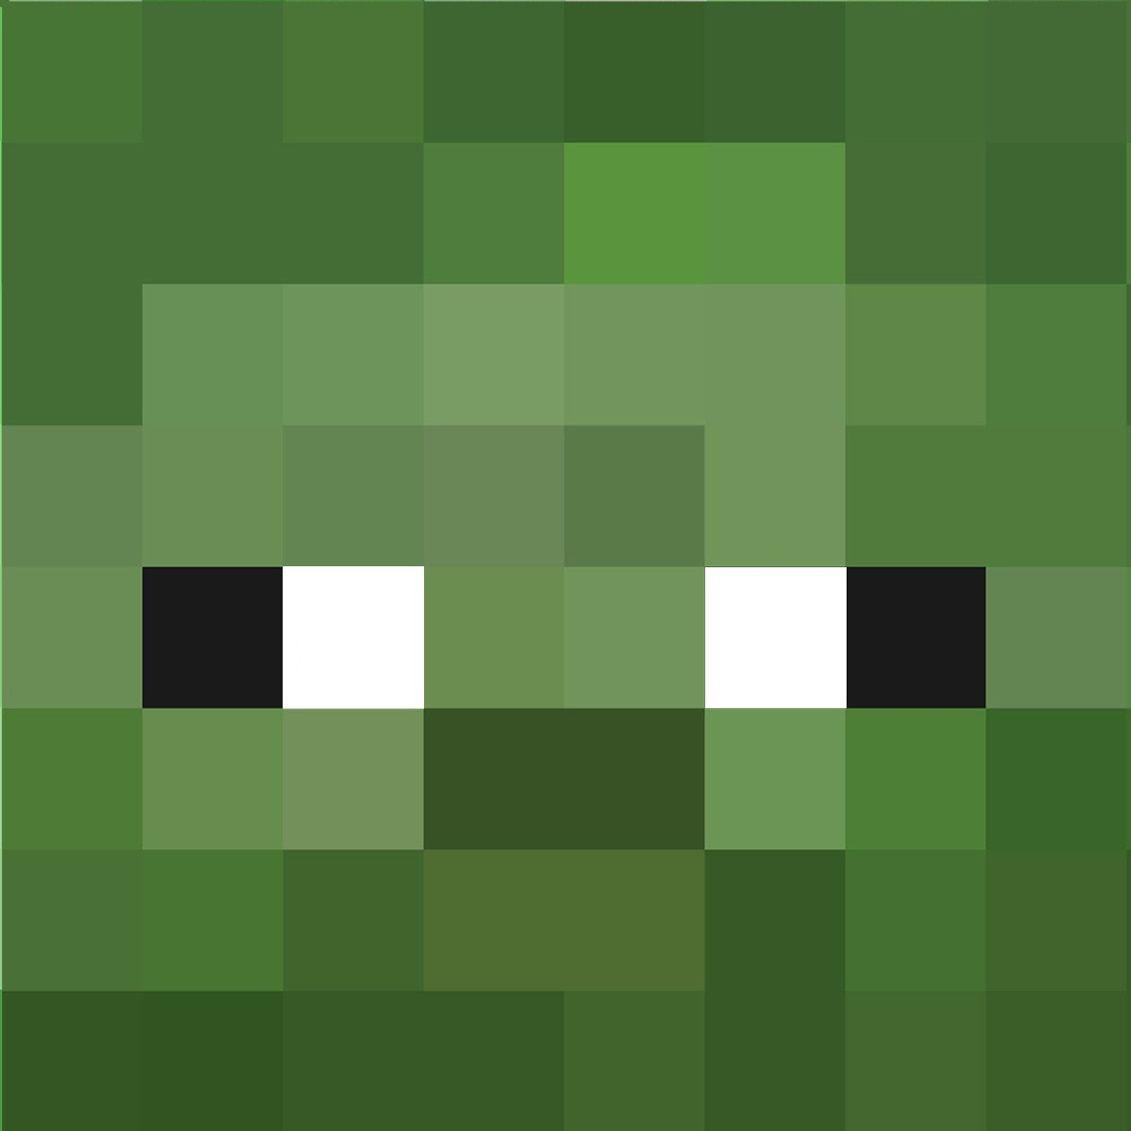 Zumbi Minecraft  Desenhos minecraft, Aniversário minecraft, Minecraft